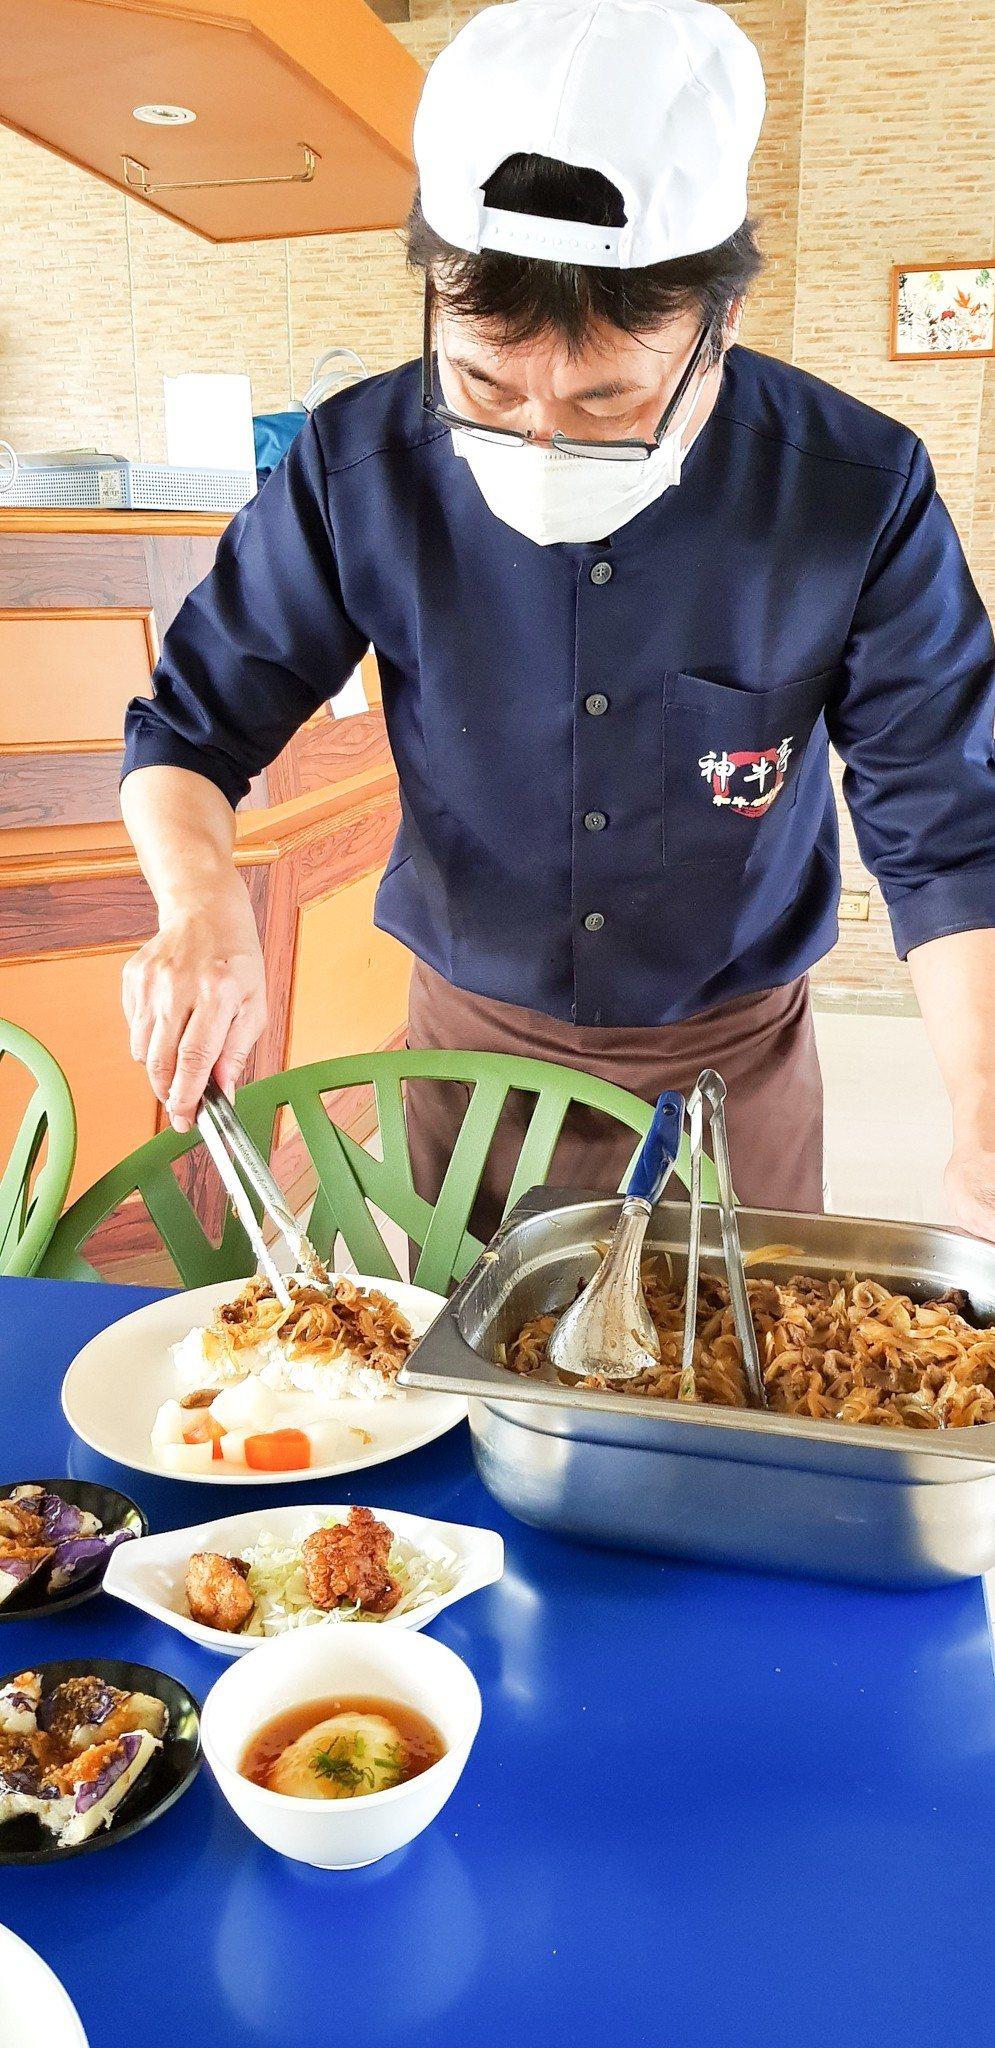 花蓮和牛燒肉餐廳,昨天為黎明向陽園身心障礙者義煮33份和牛套餐。圖/黎明機構提供